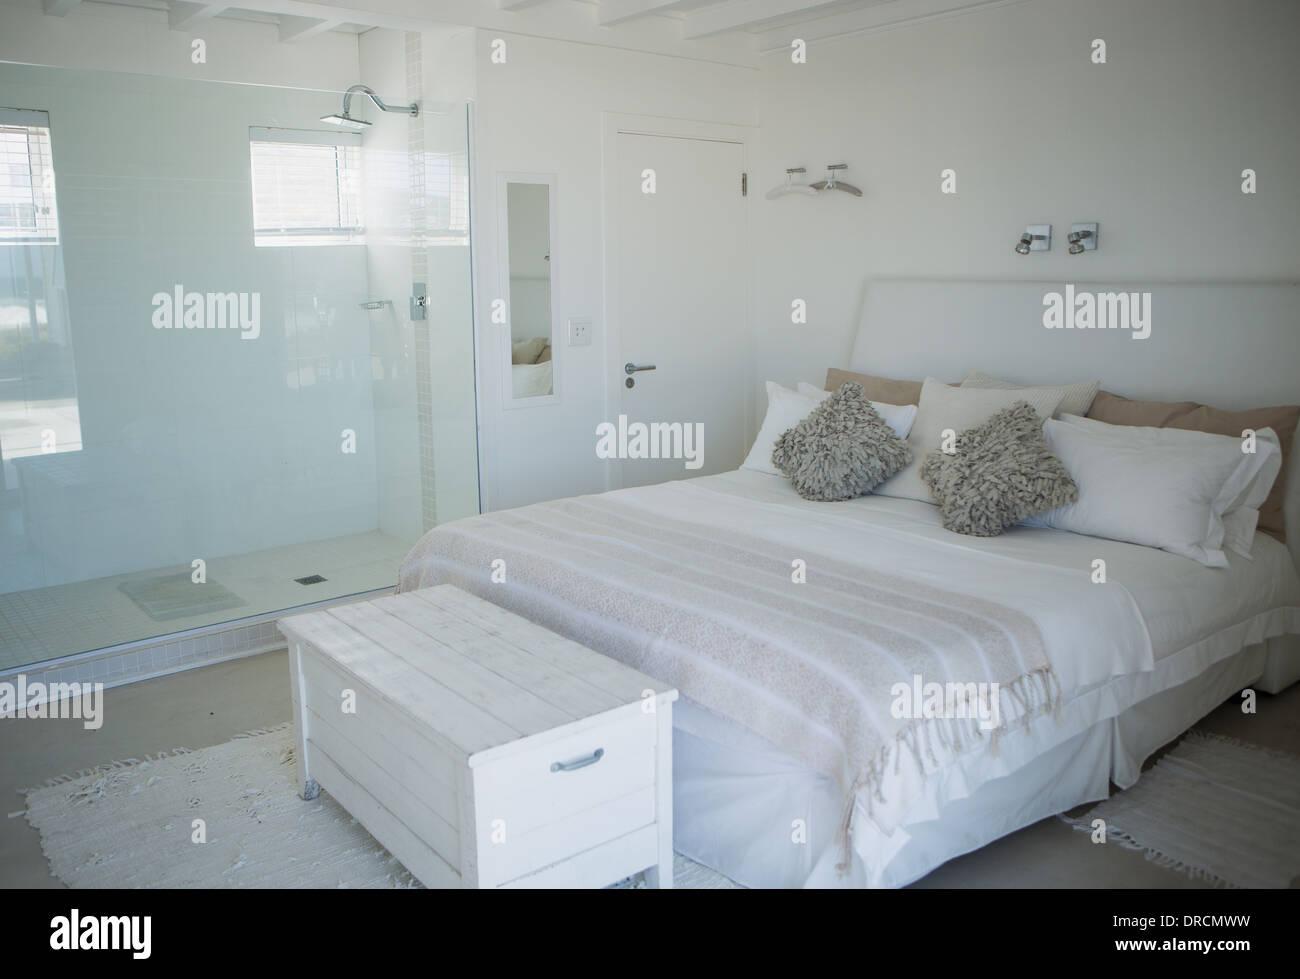 Bett, Dusche und Stamm in modernen Schlafzimmer Stockfoto, Bild ...